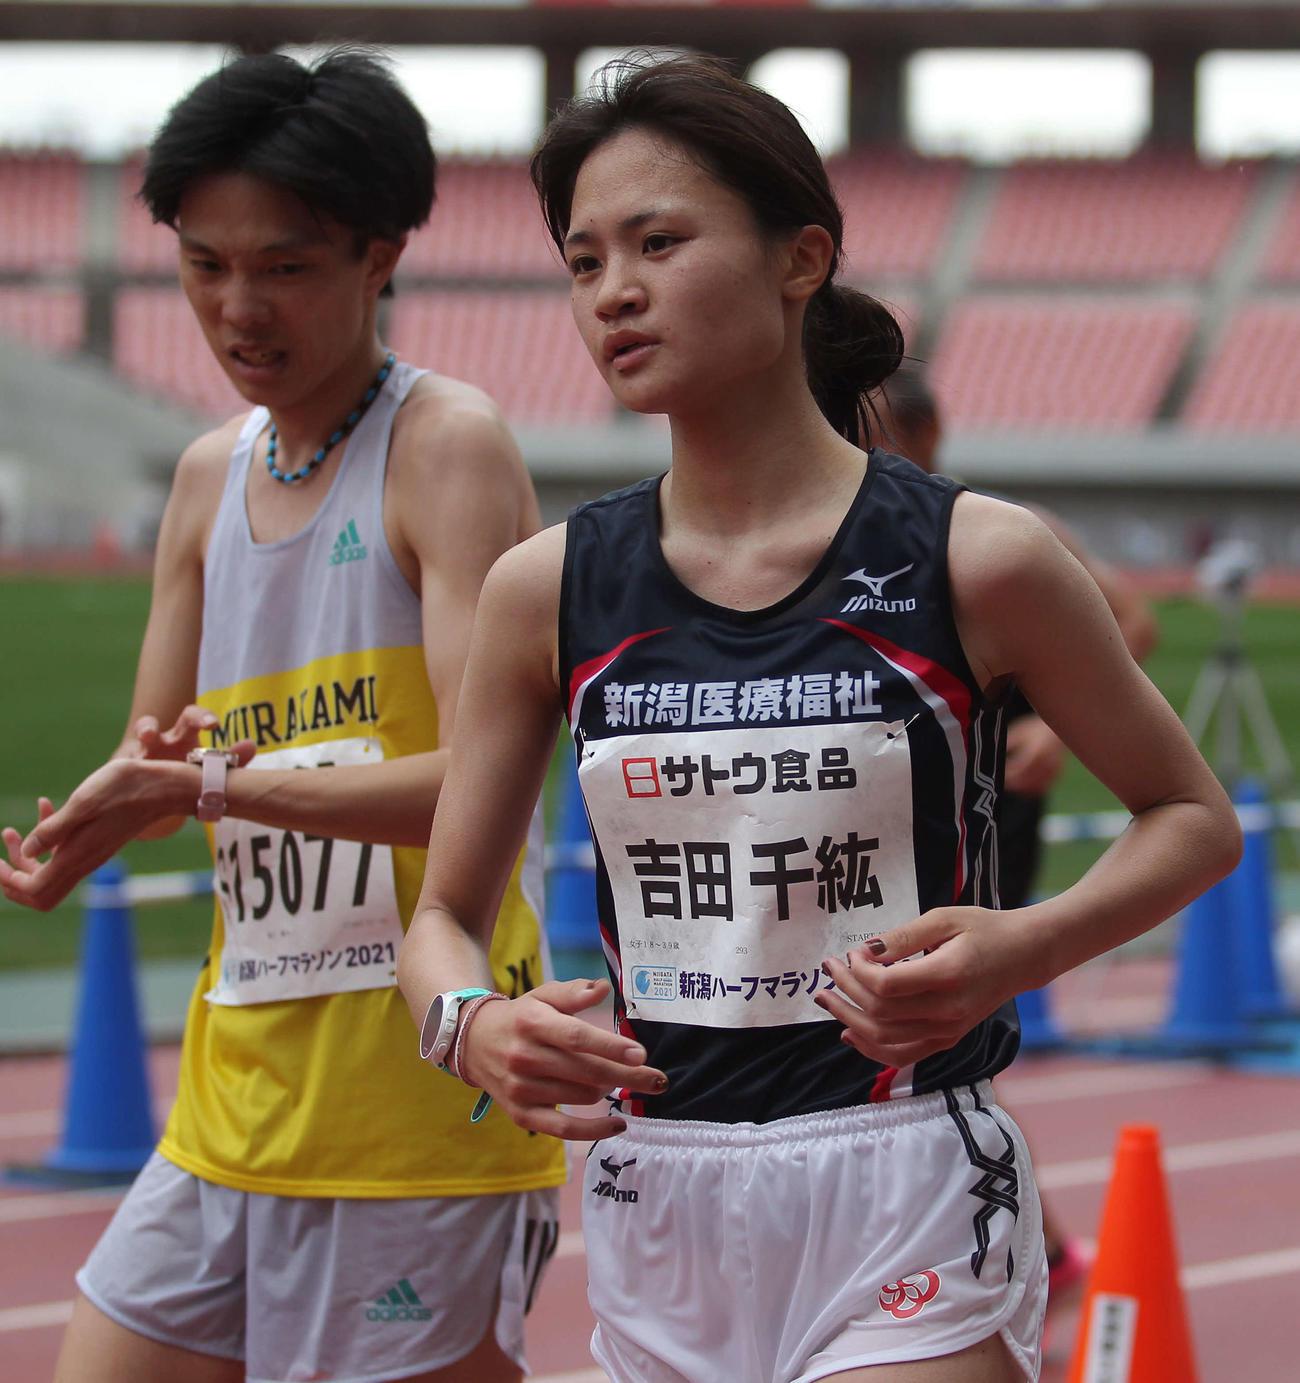 県勢トップの5位でゴールした吉田は汗を噴き出させながらも涼しい顔